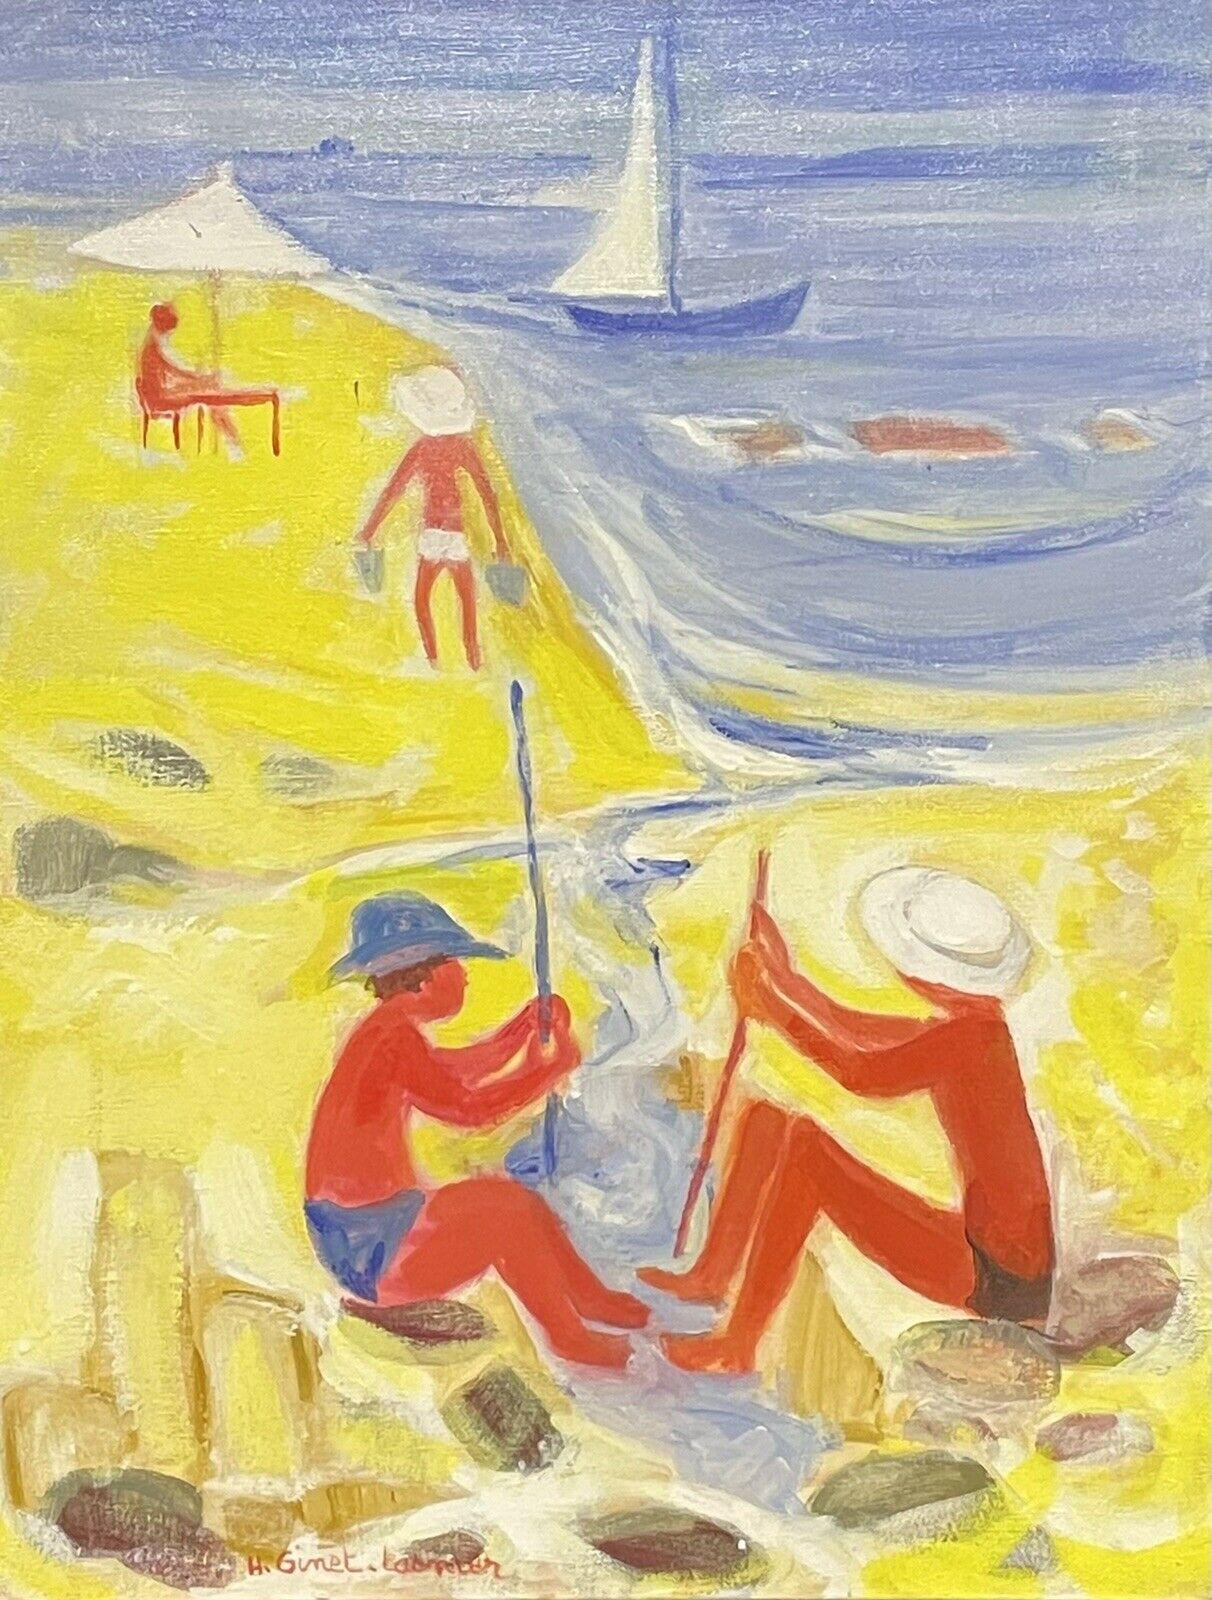 GINET-LASNIER (1927-2020) LARGE FRENCH OIL - MODERNIST FAMILY ON GOLDEN BEACH